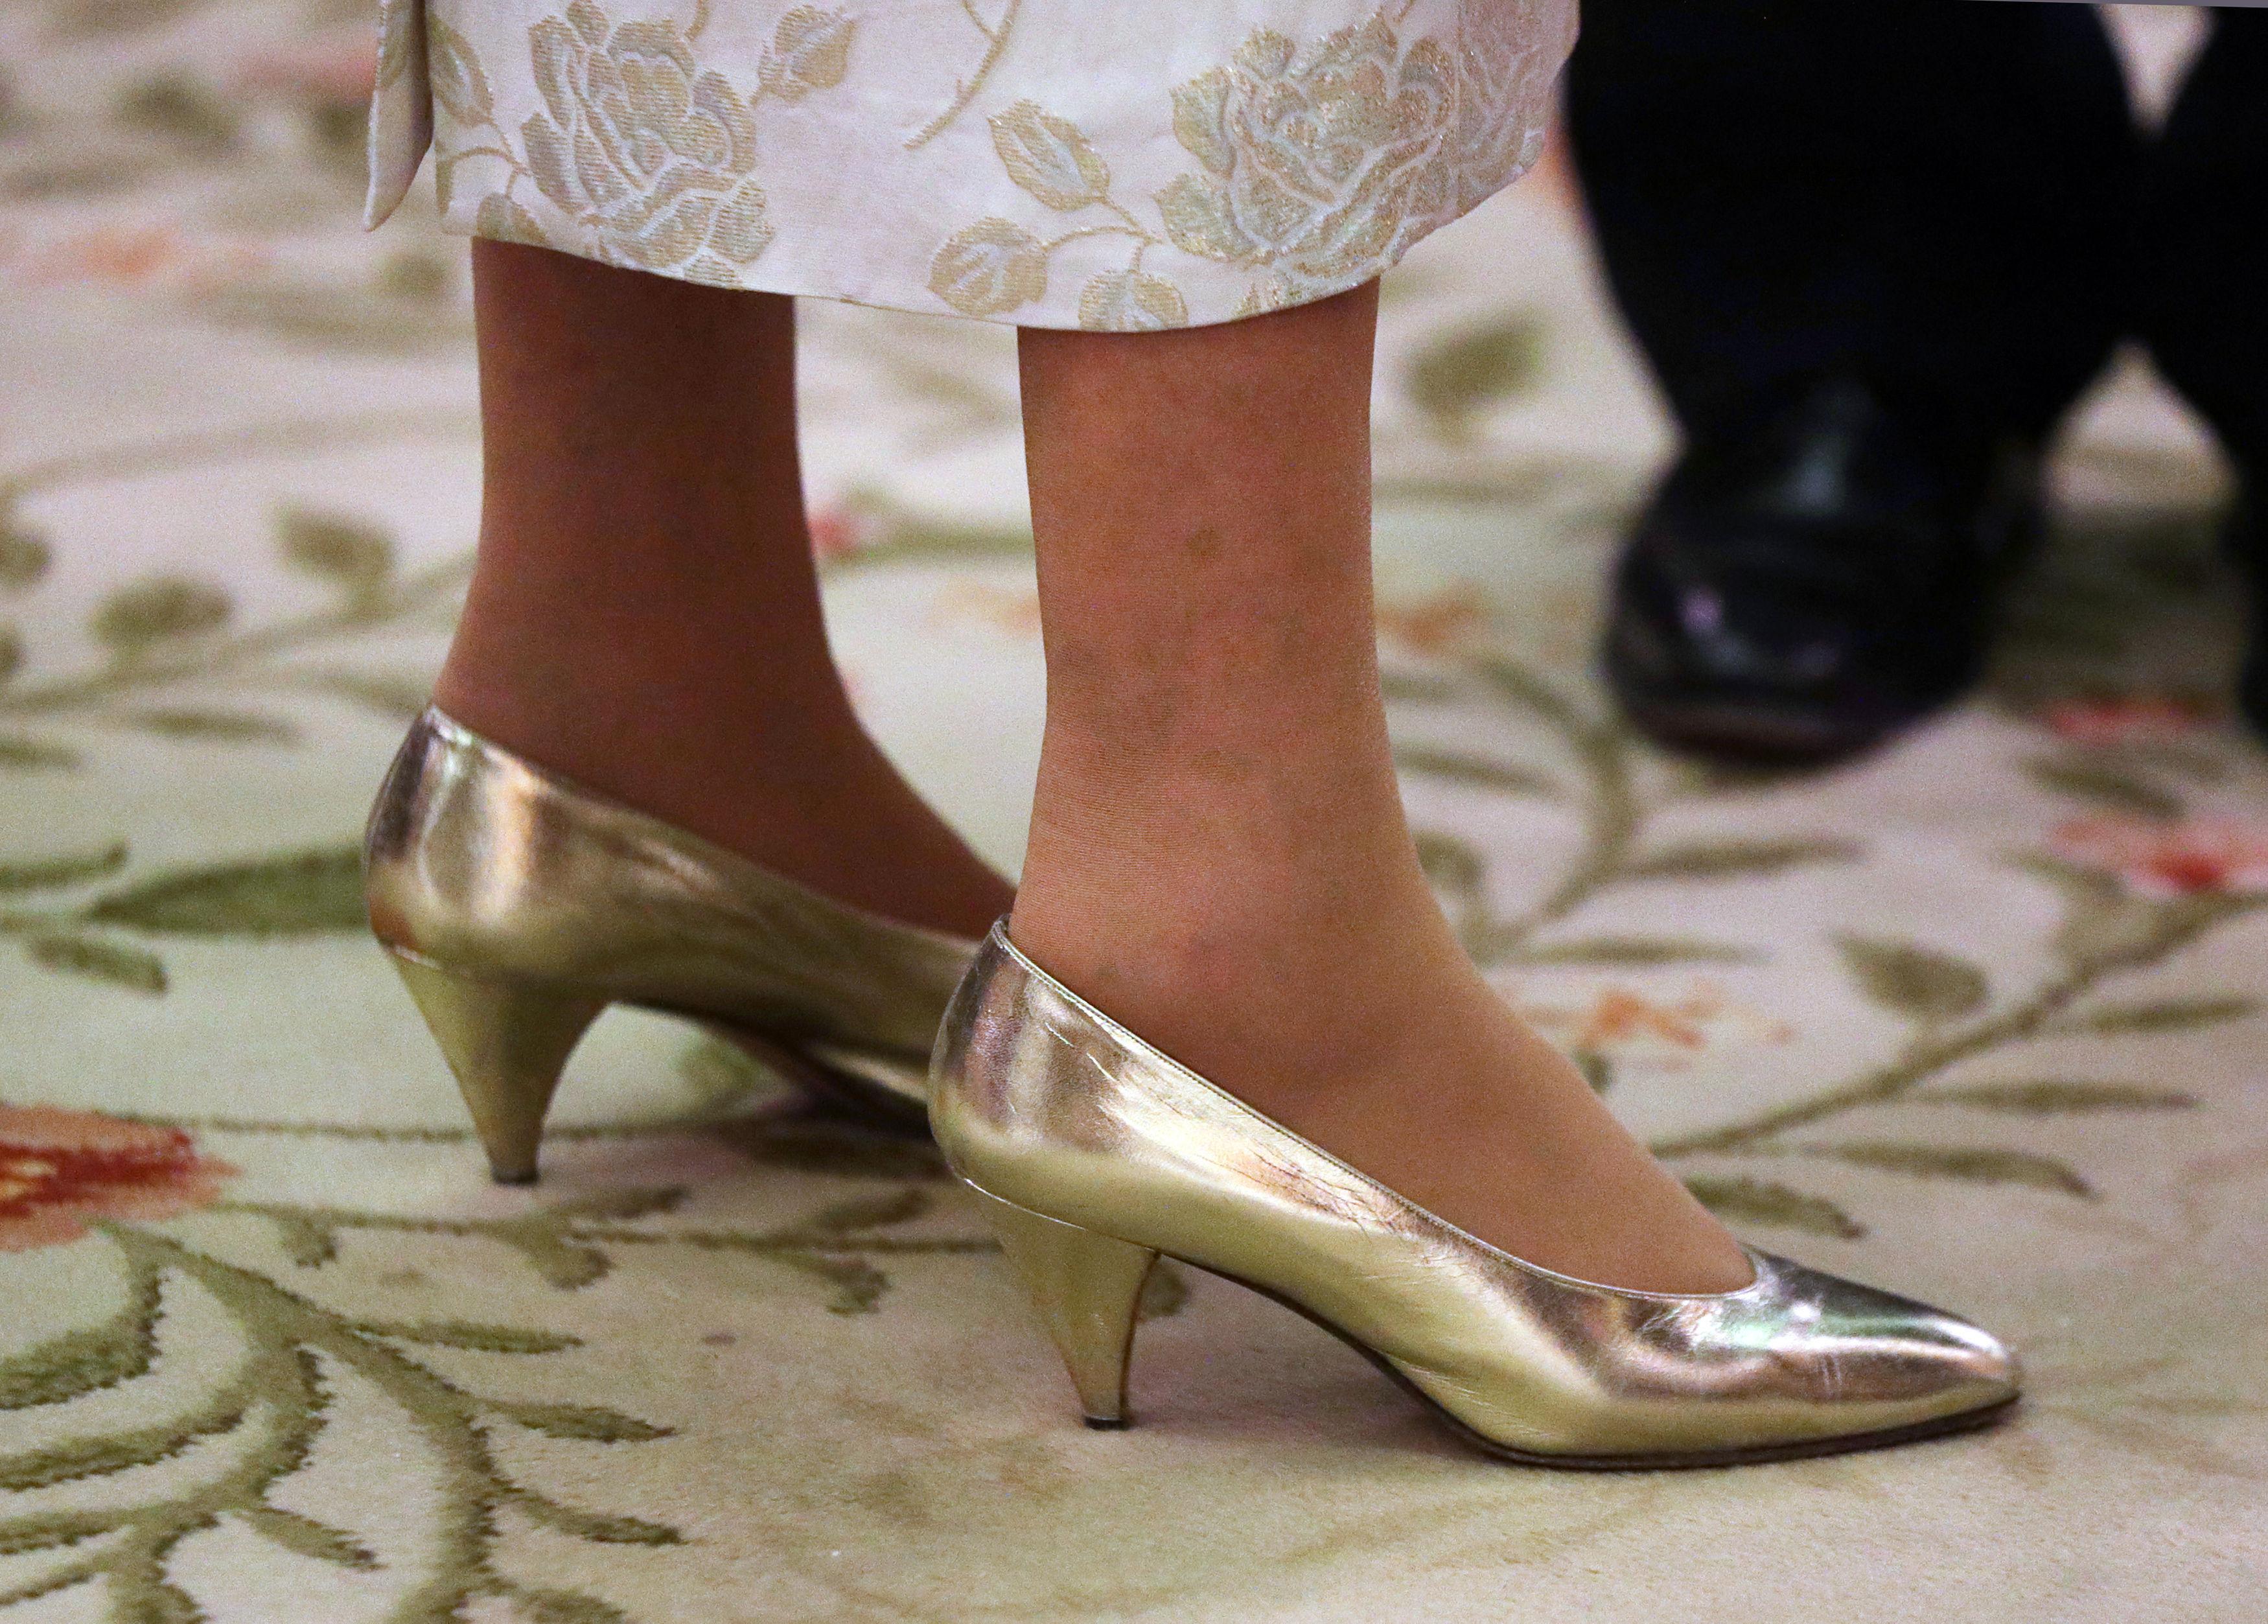 Queen Elizabeth's shoes